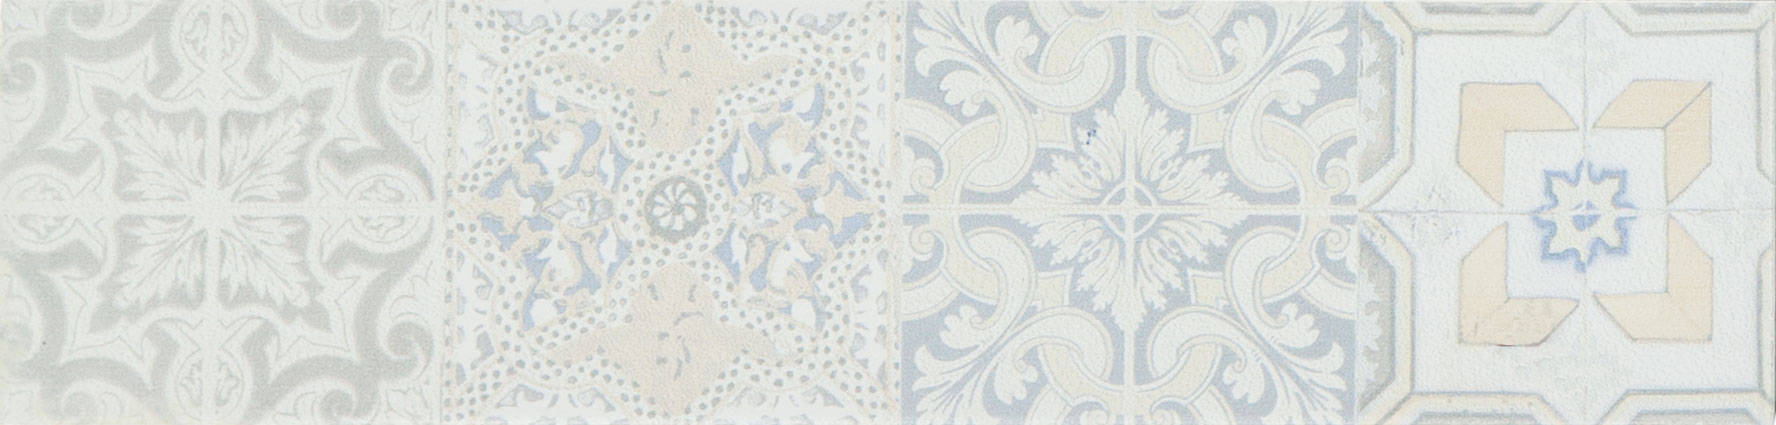 MEDLEY Fliesen Little Cement grey Fondecor Image